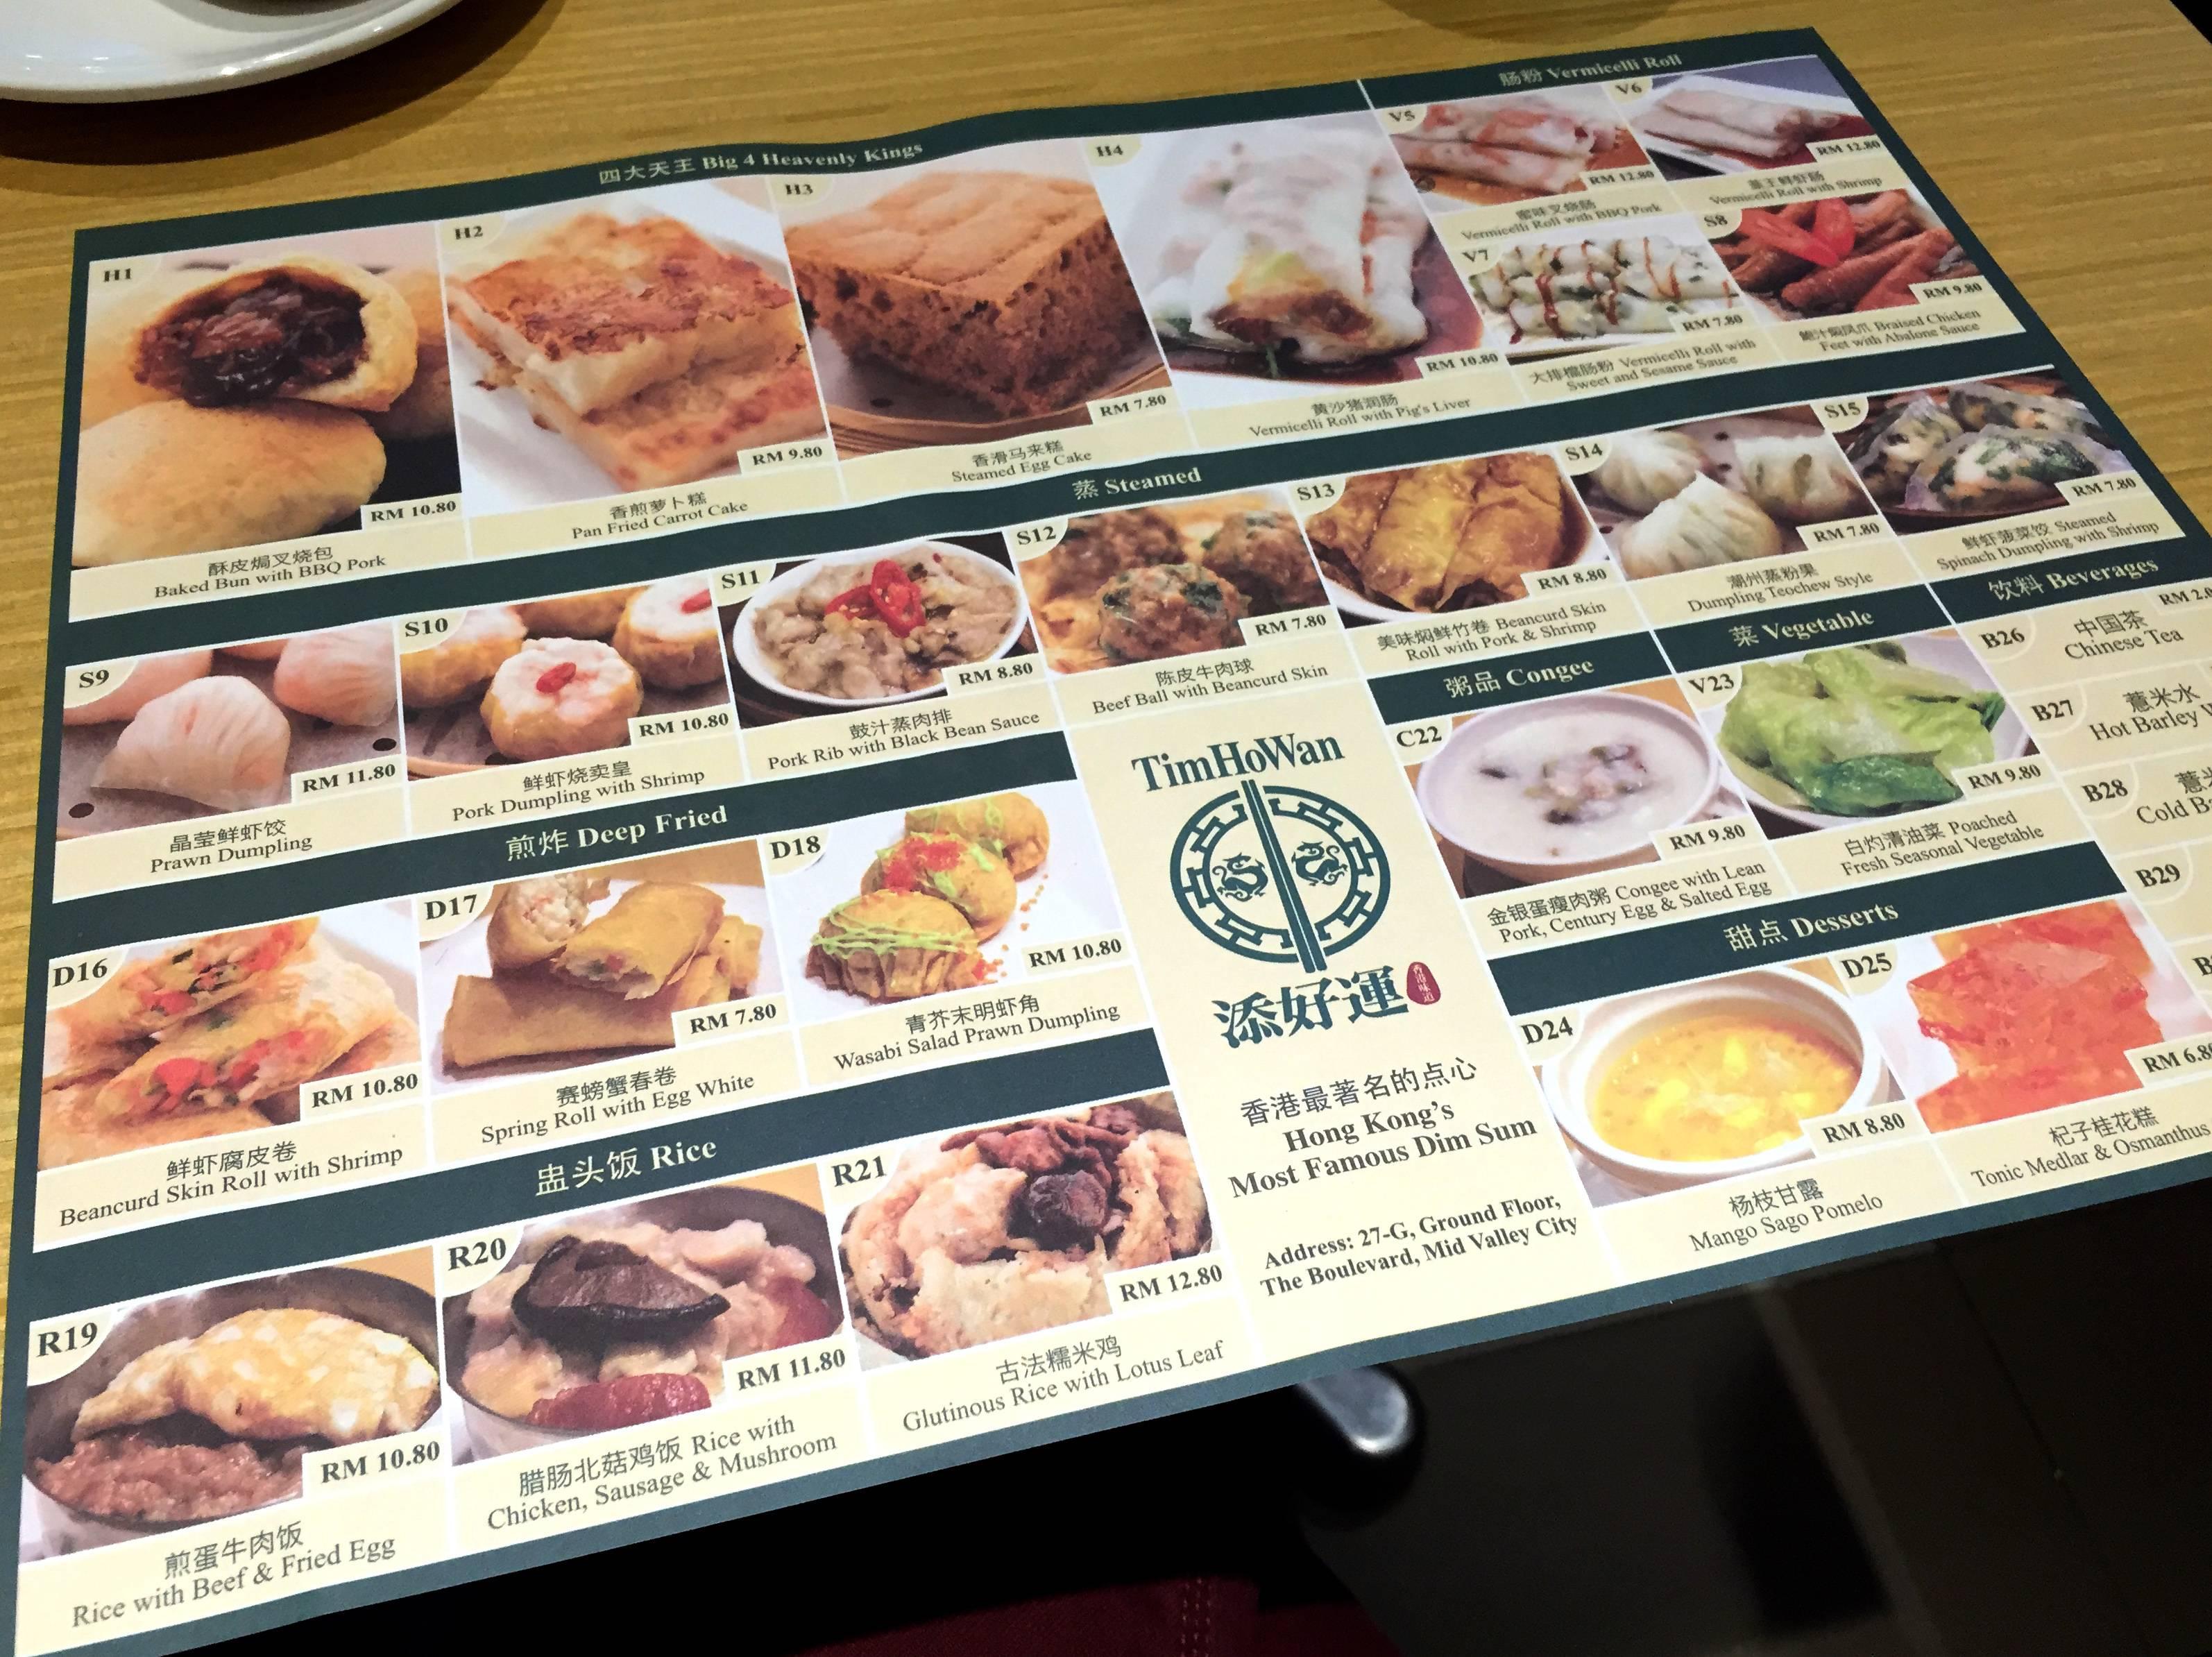 The menu at Tim Ho Wan Malaysia